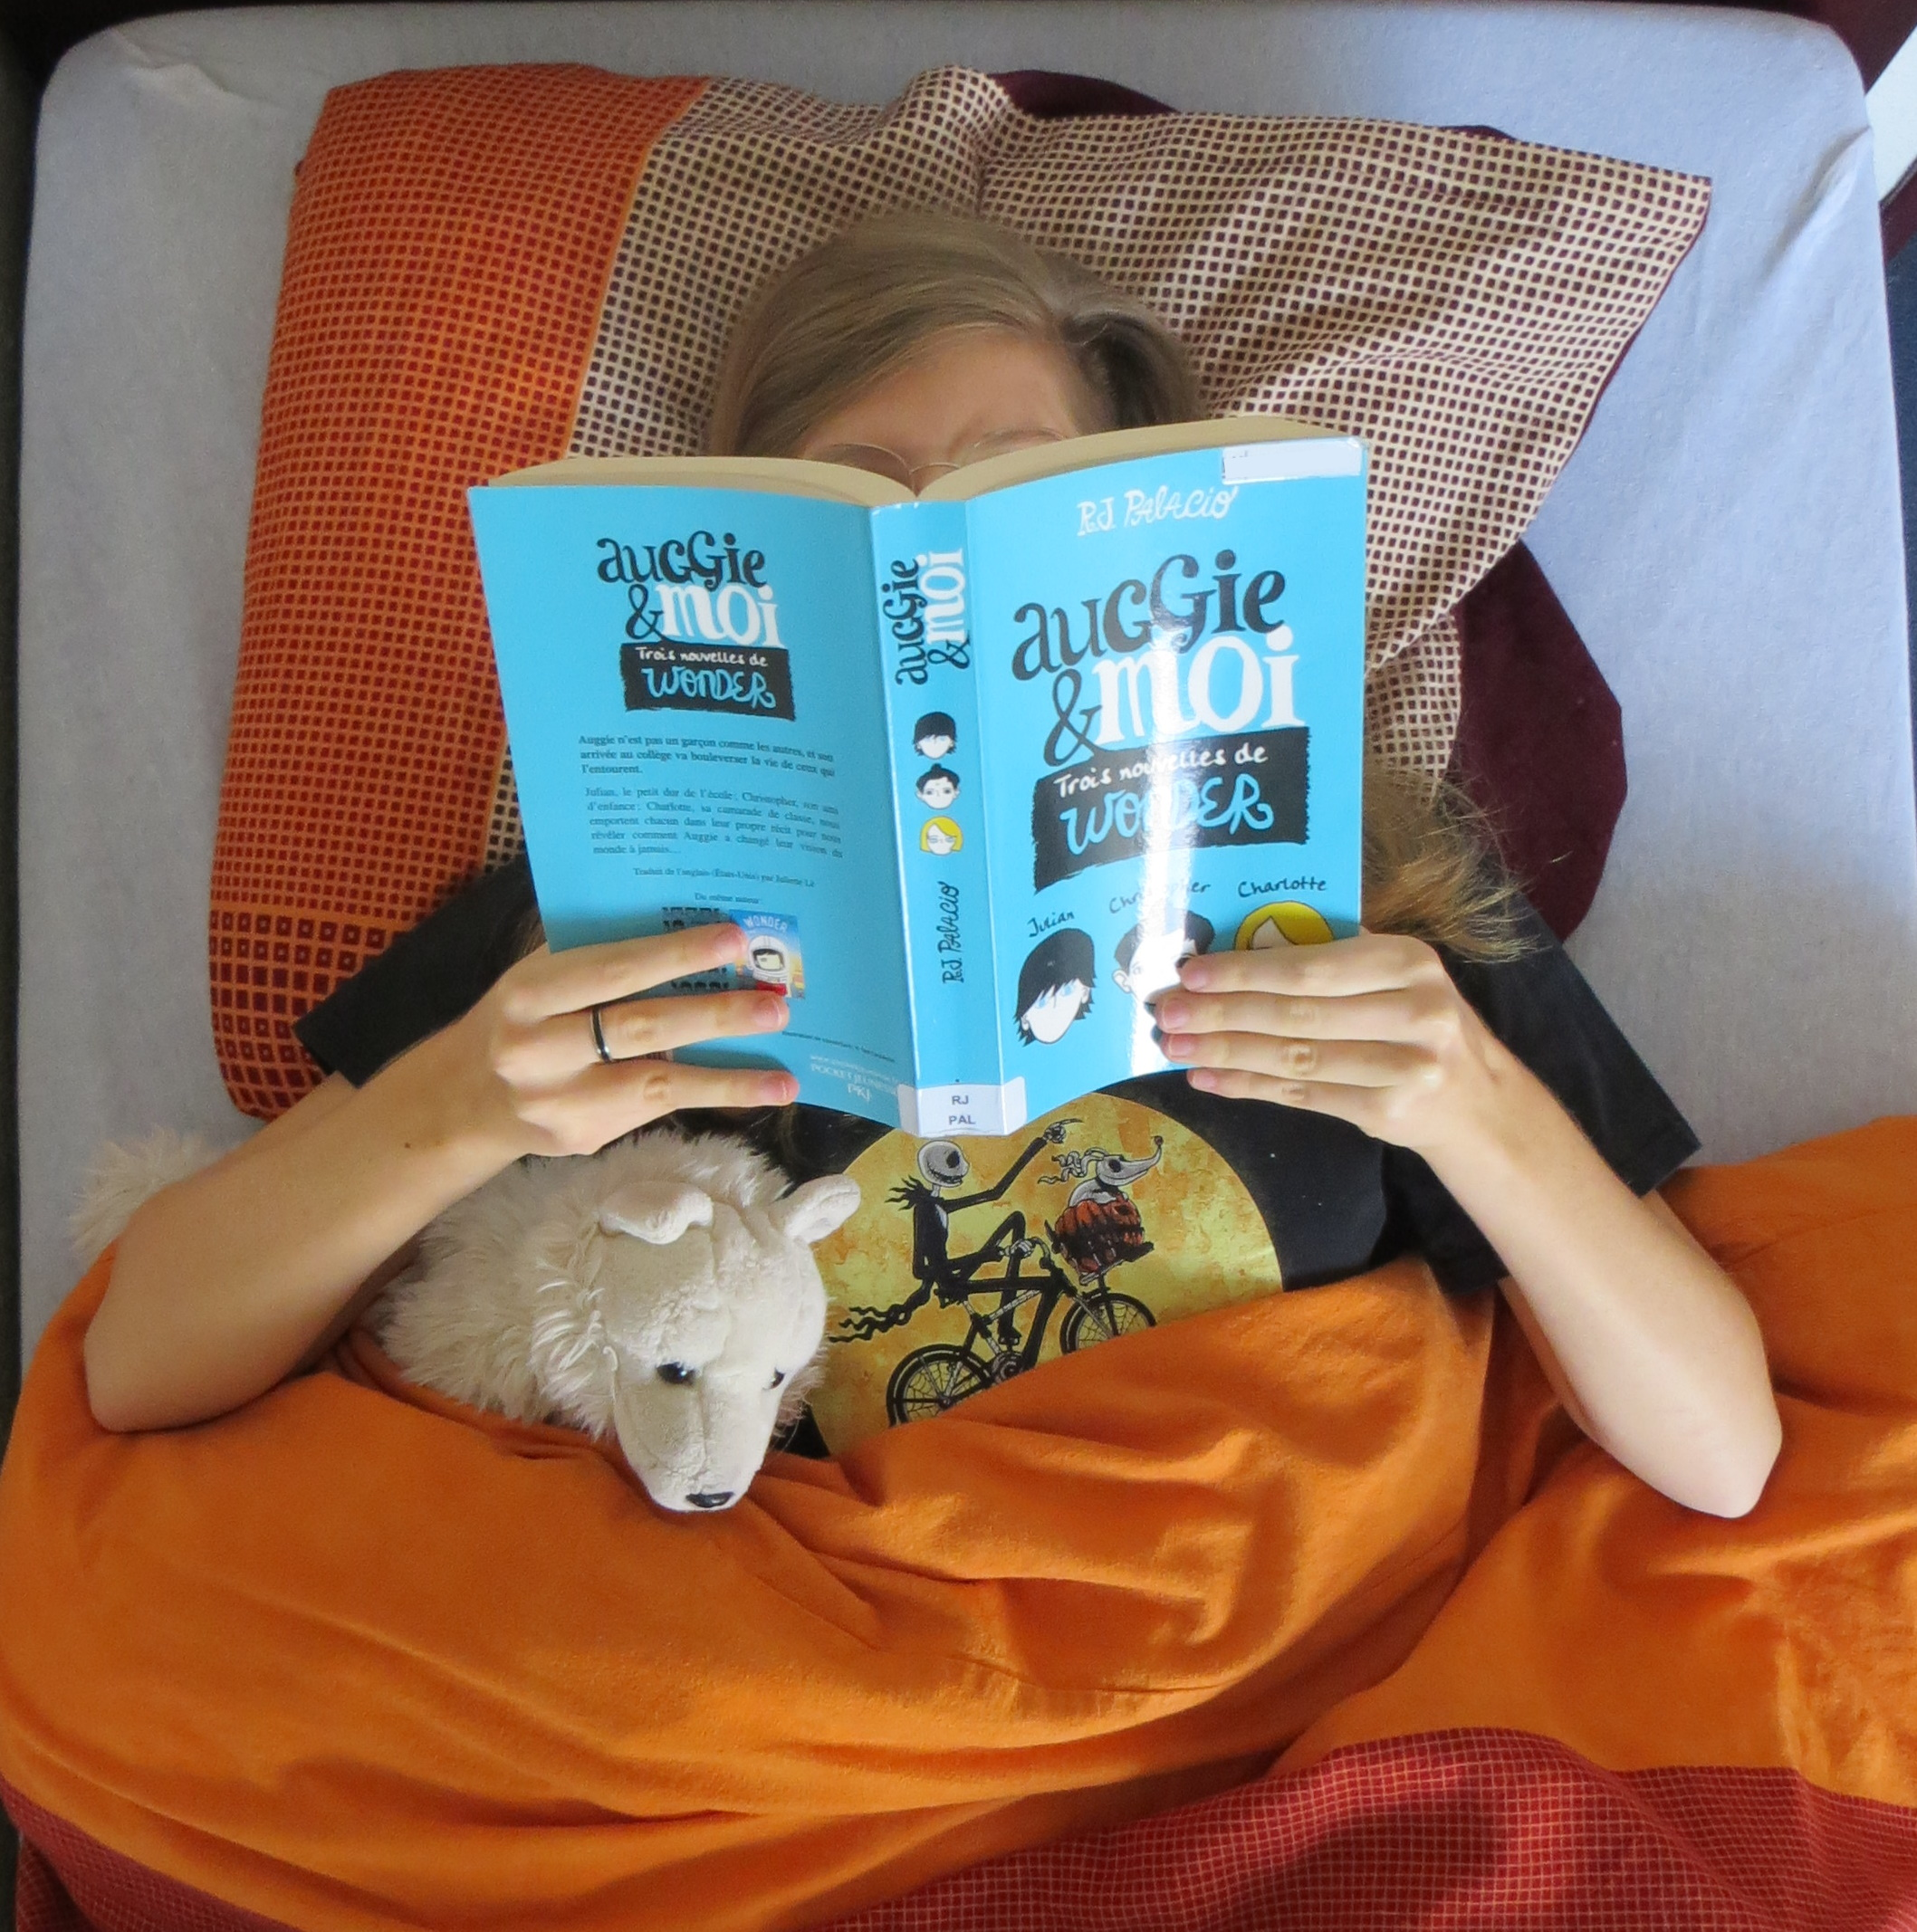 Dans un lit avec une couverture orange, femme lisant Auggie & moi de RJ Palacio